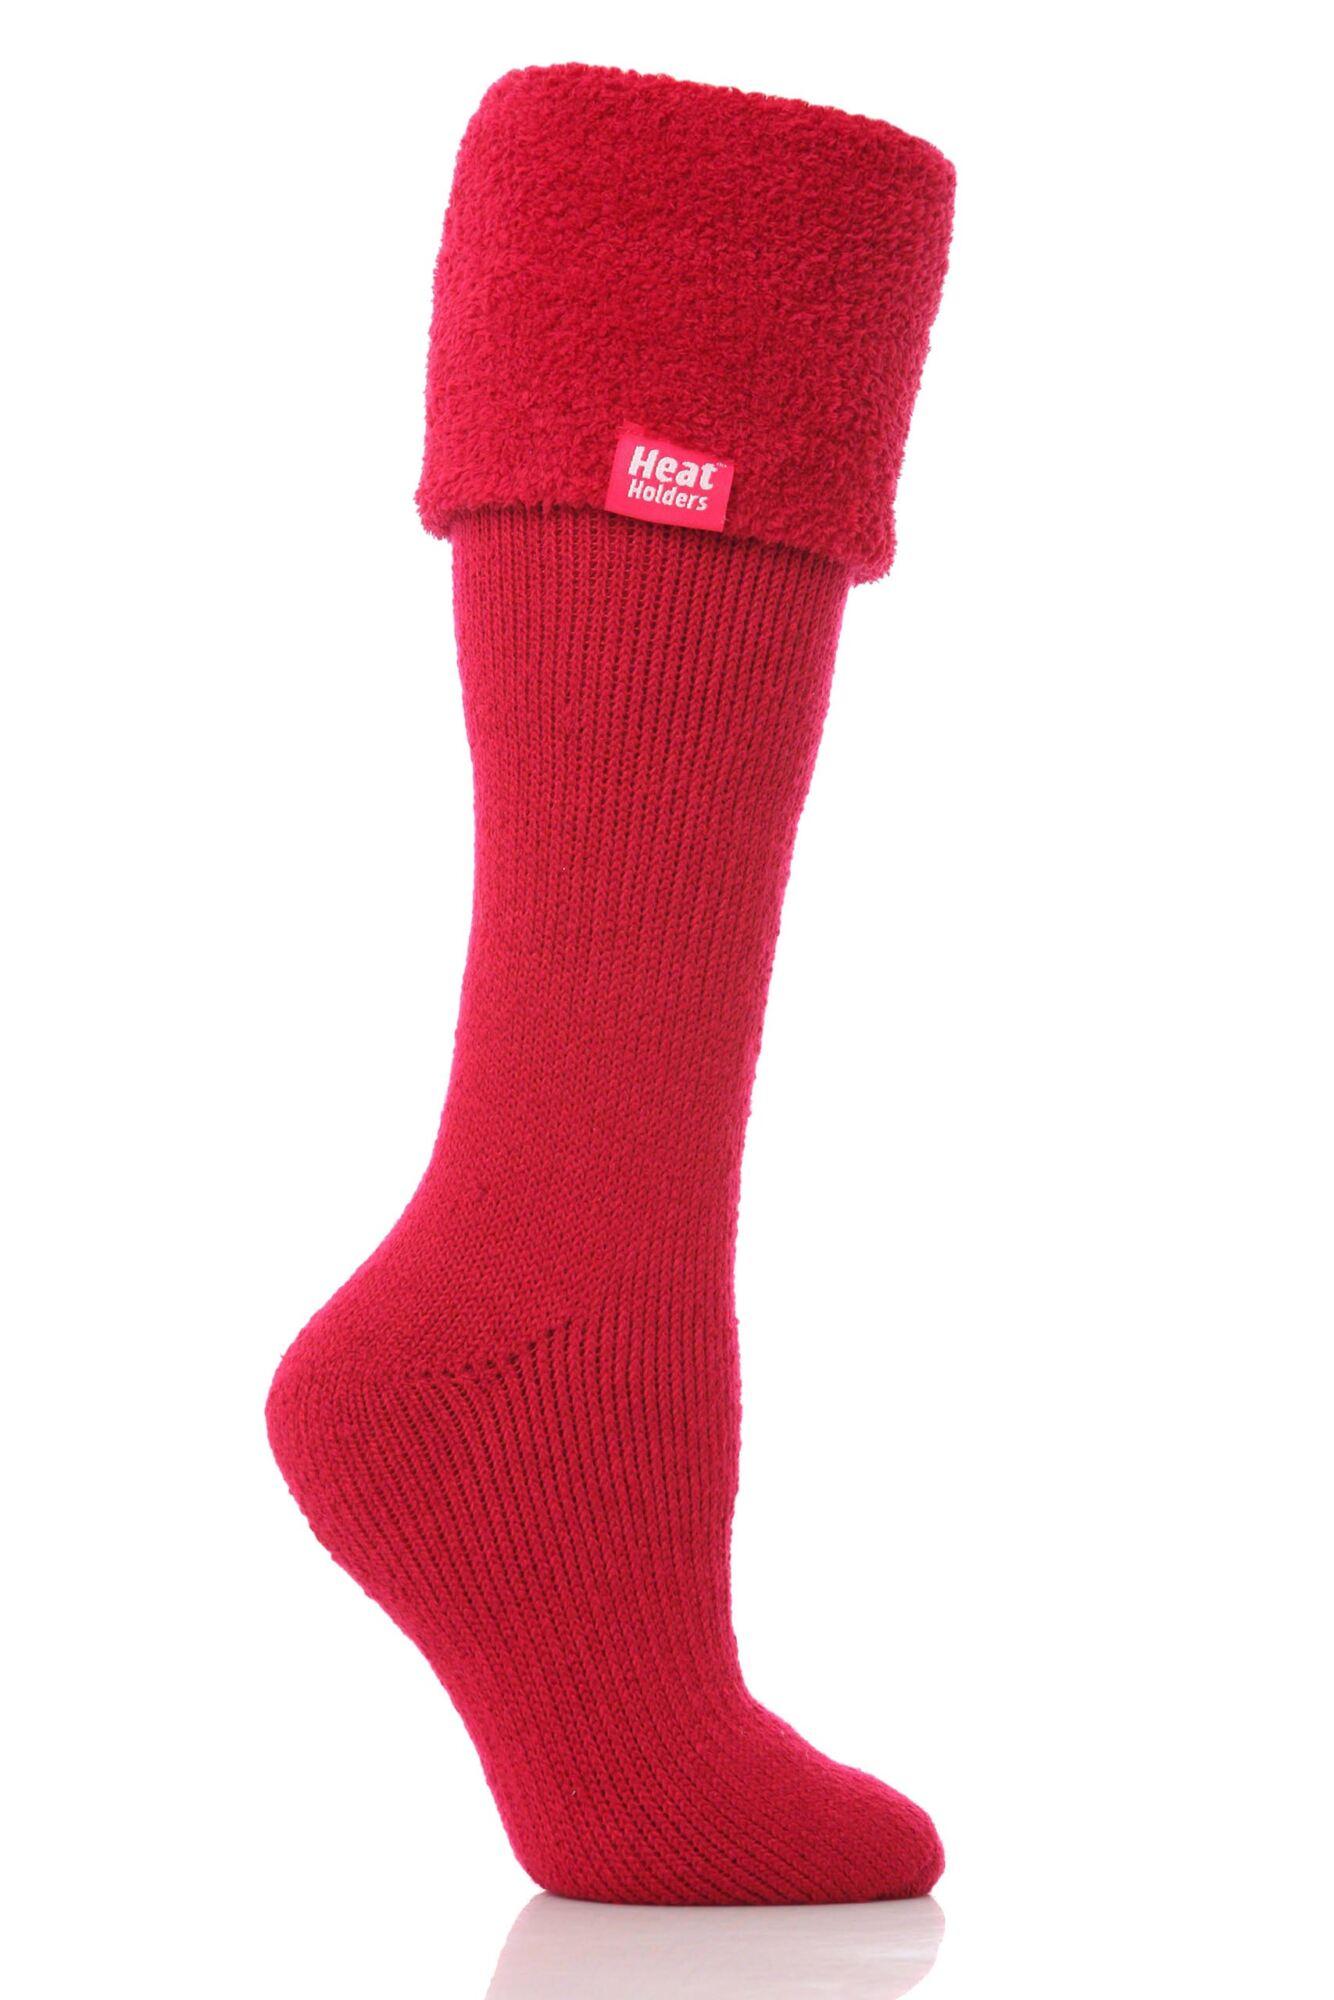 Ladies 1 Pair SockShop Wellington Boot Heat Holders Thermal Socks